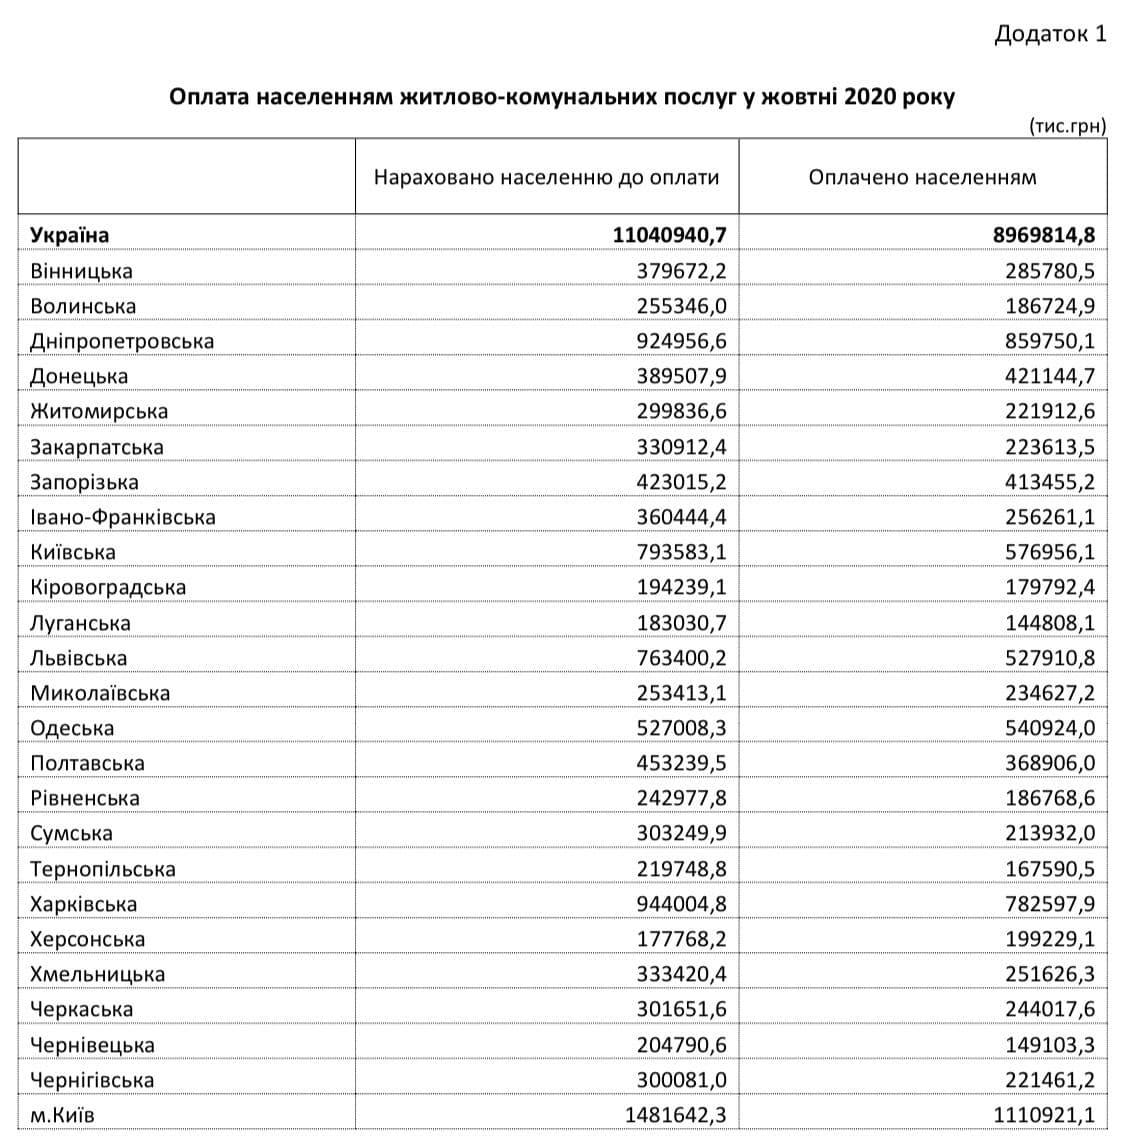 За год платежки украинцев за коммуналку выросли на 57% | Новости Украины -  #Буквы